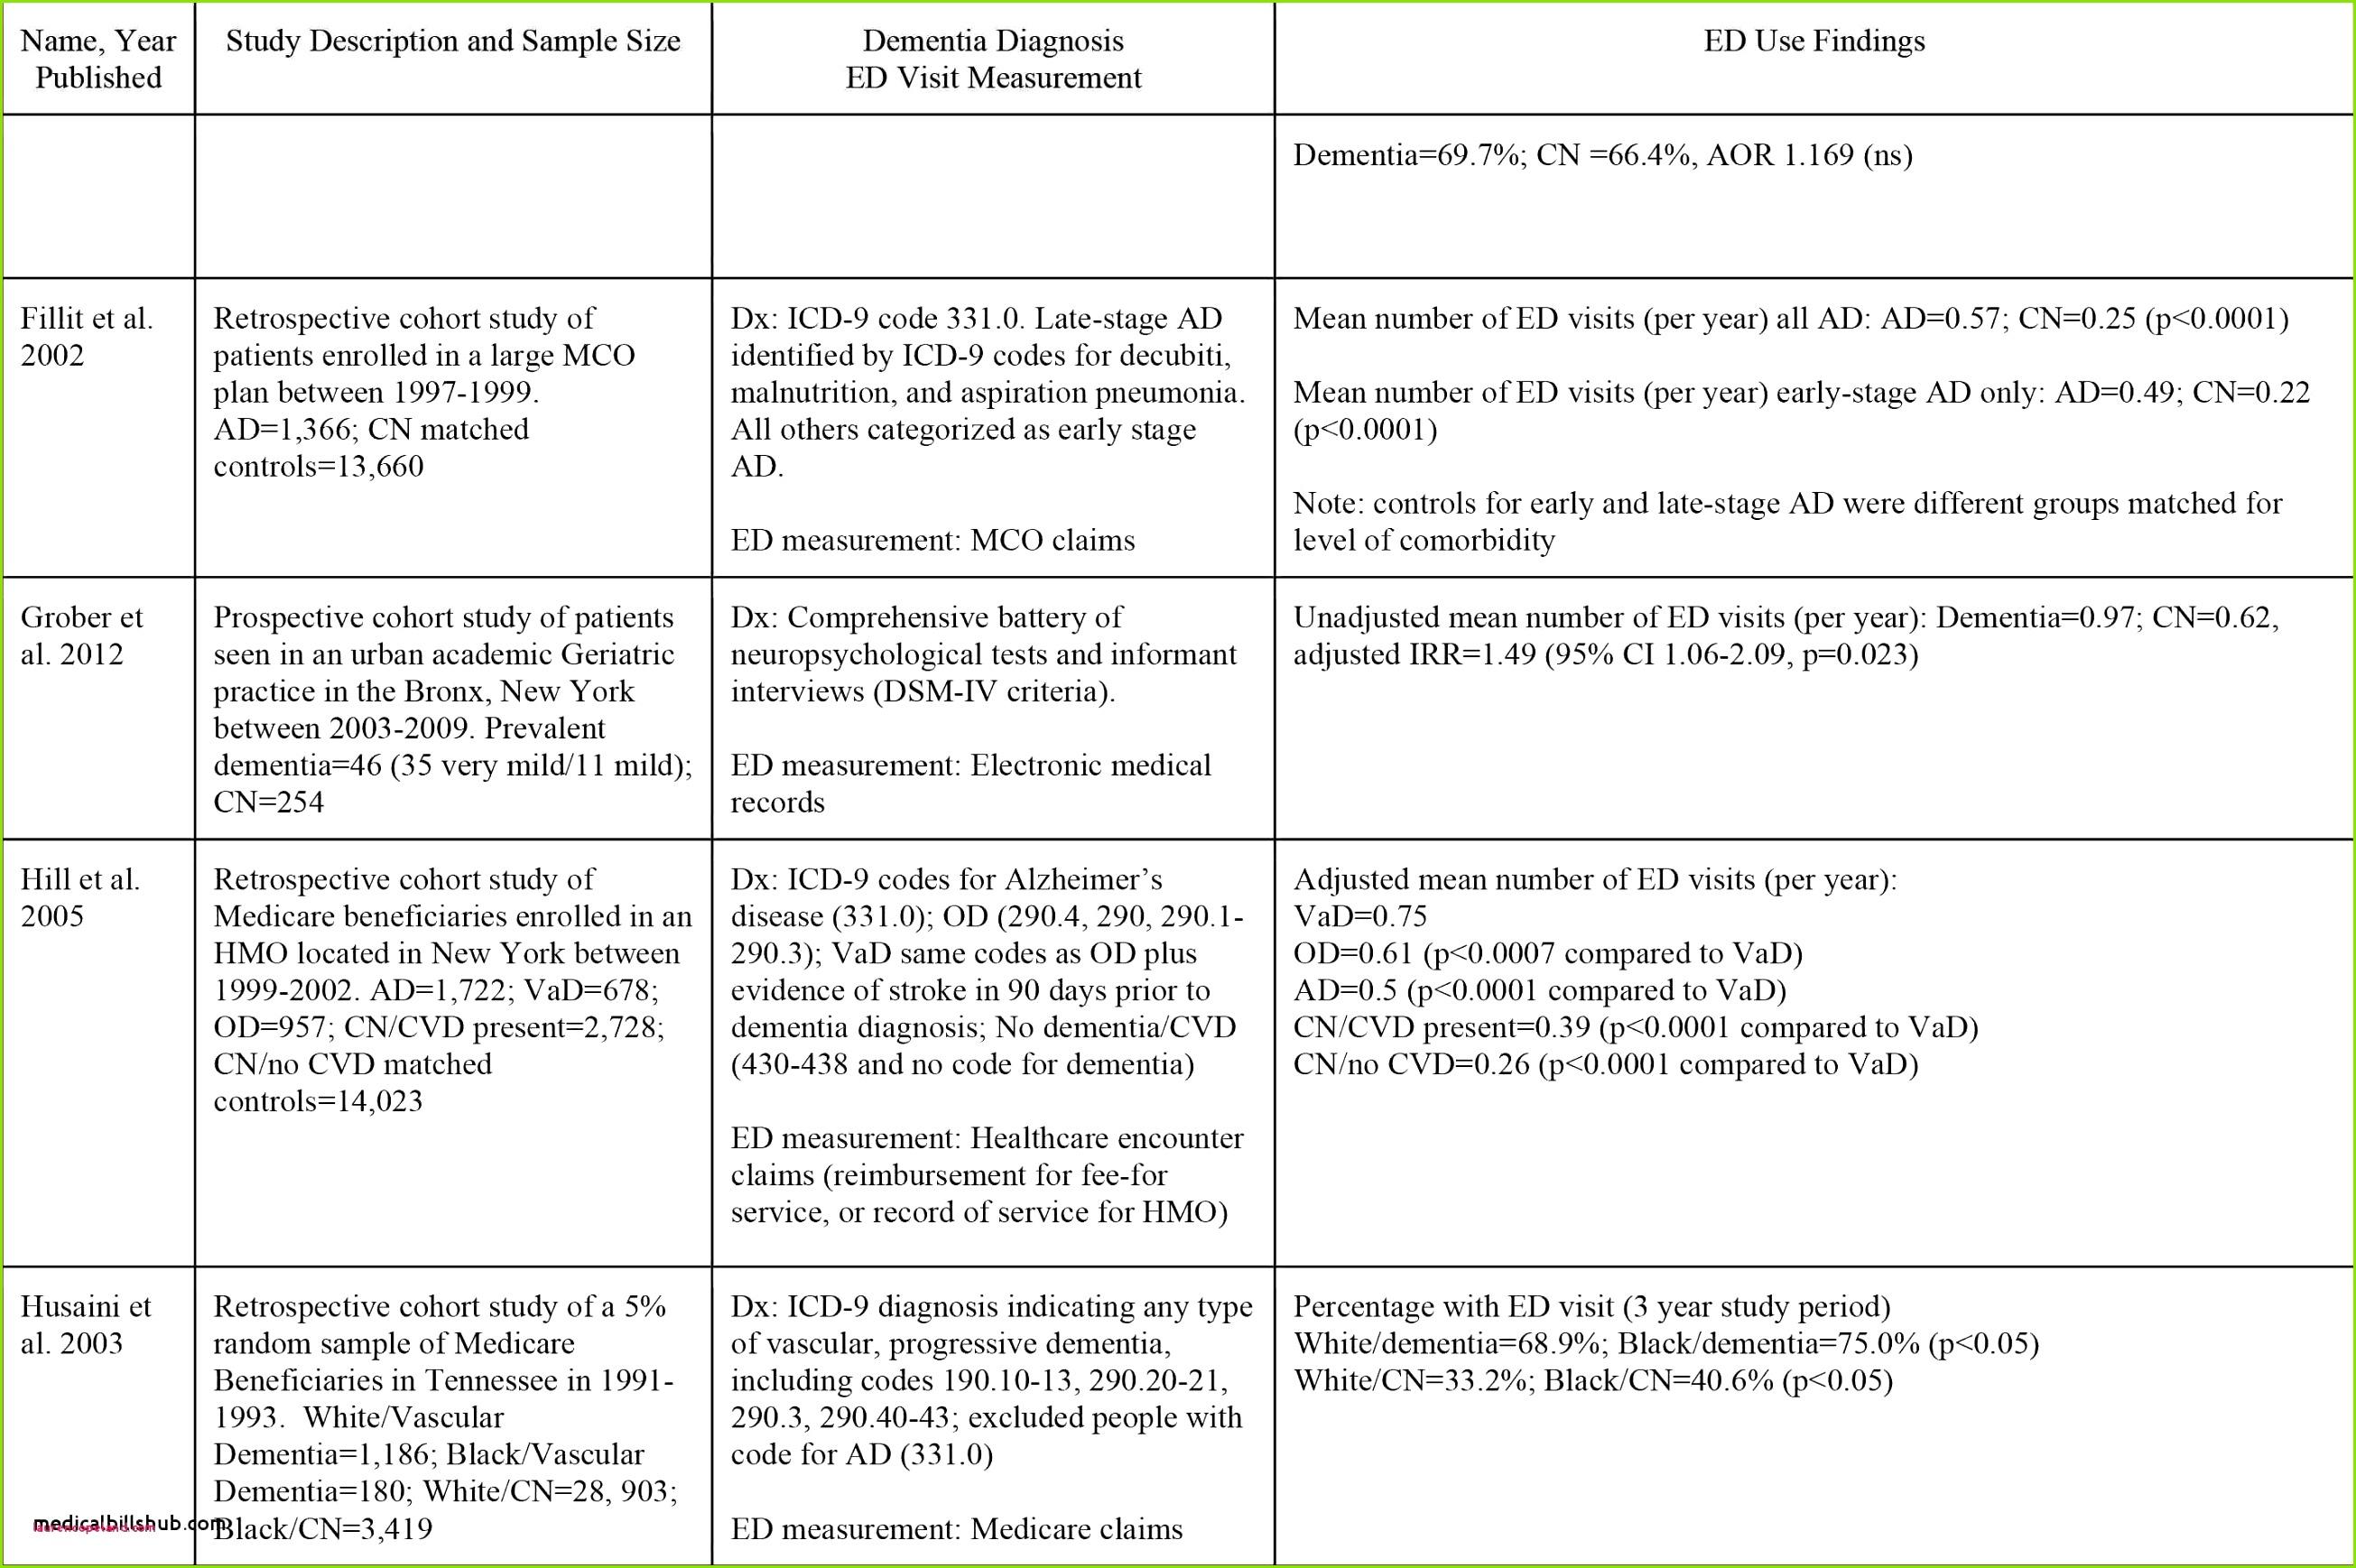 Reisekostenabrechnung Muster Neu Reisekostenabrechnung 2017 Excel Vorlage Reisekostenabrechnung